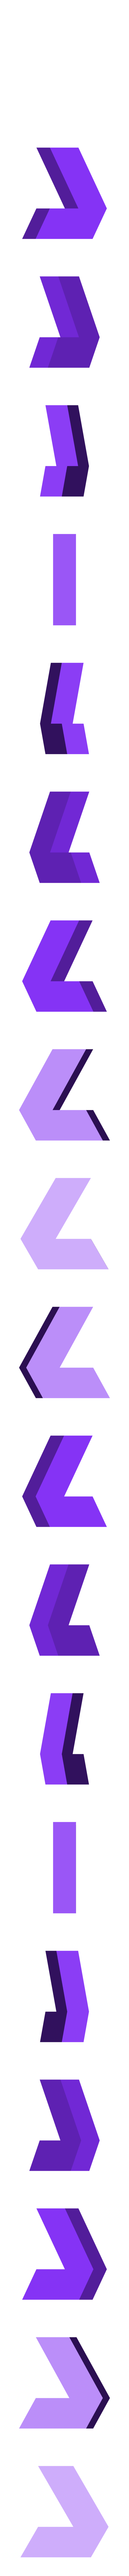 Hex_SubAssy.stl Télécharger fichier STL gratuit Puzzle hexagonal • Modèle pour imprimante 3D, mtairymd